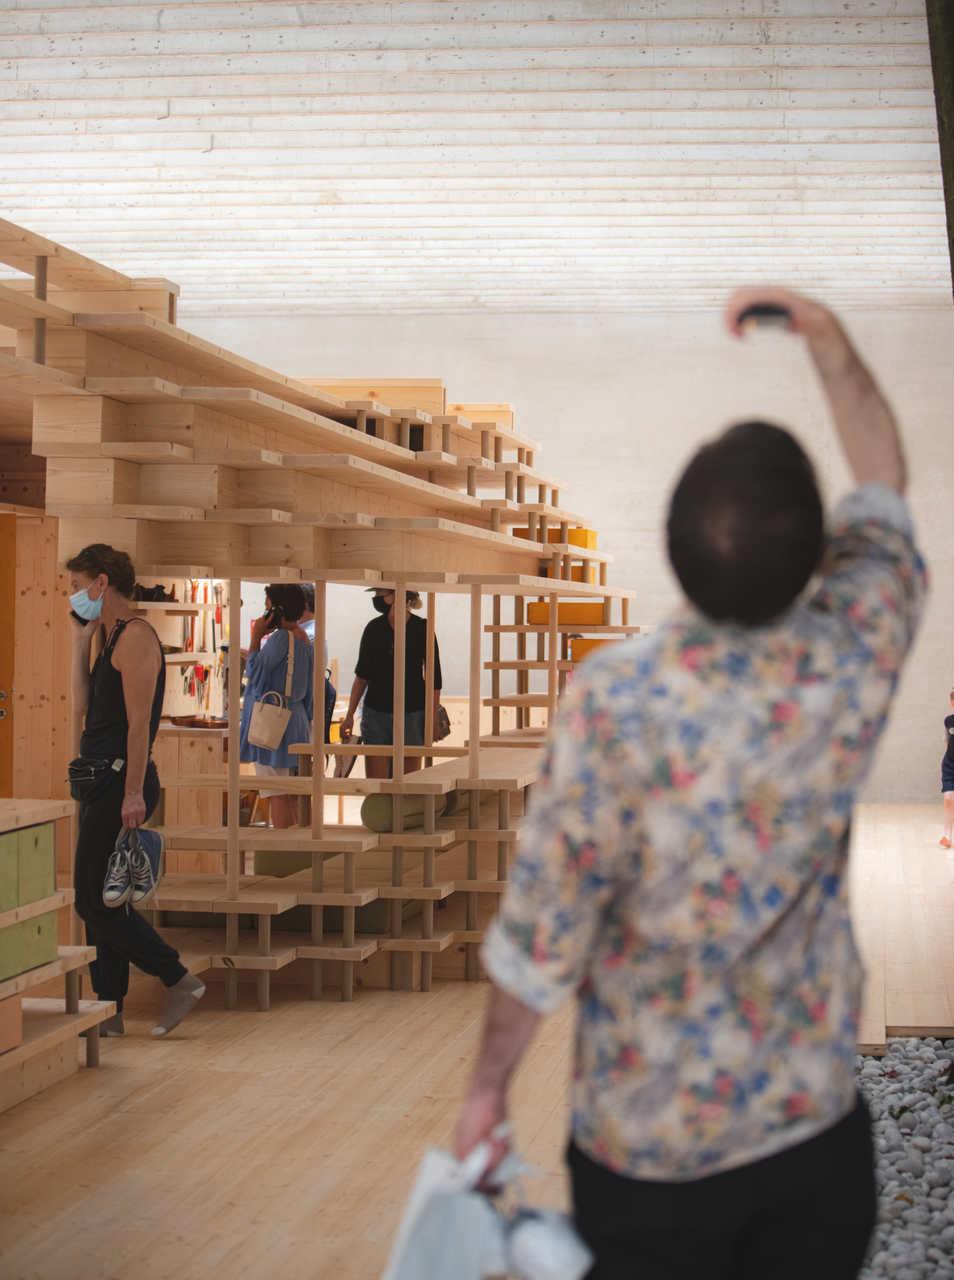 El pabellón comisariado por el Museo Nacional de Noruega, Helen & Hard Architects y Anna Ihle, ha desarrollado una tecnología totalmente en madera